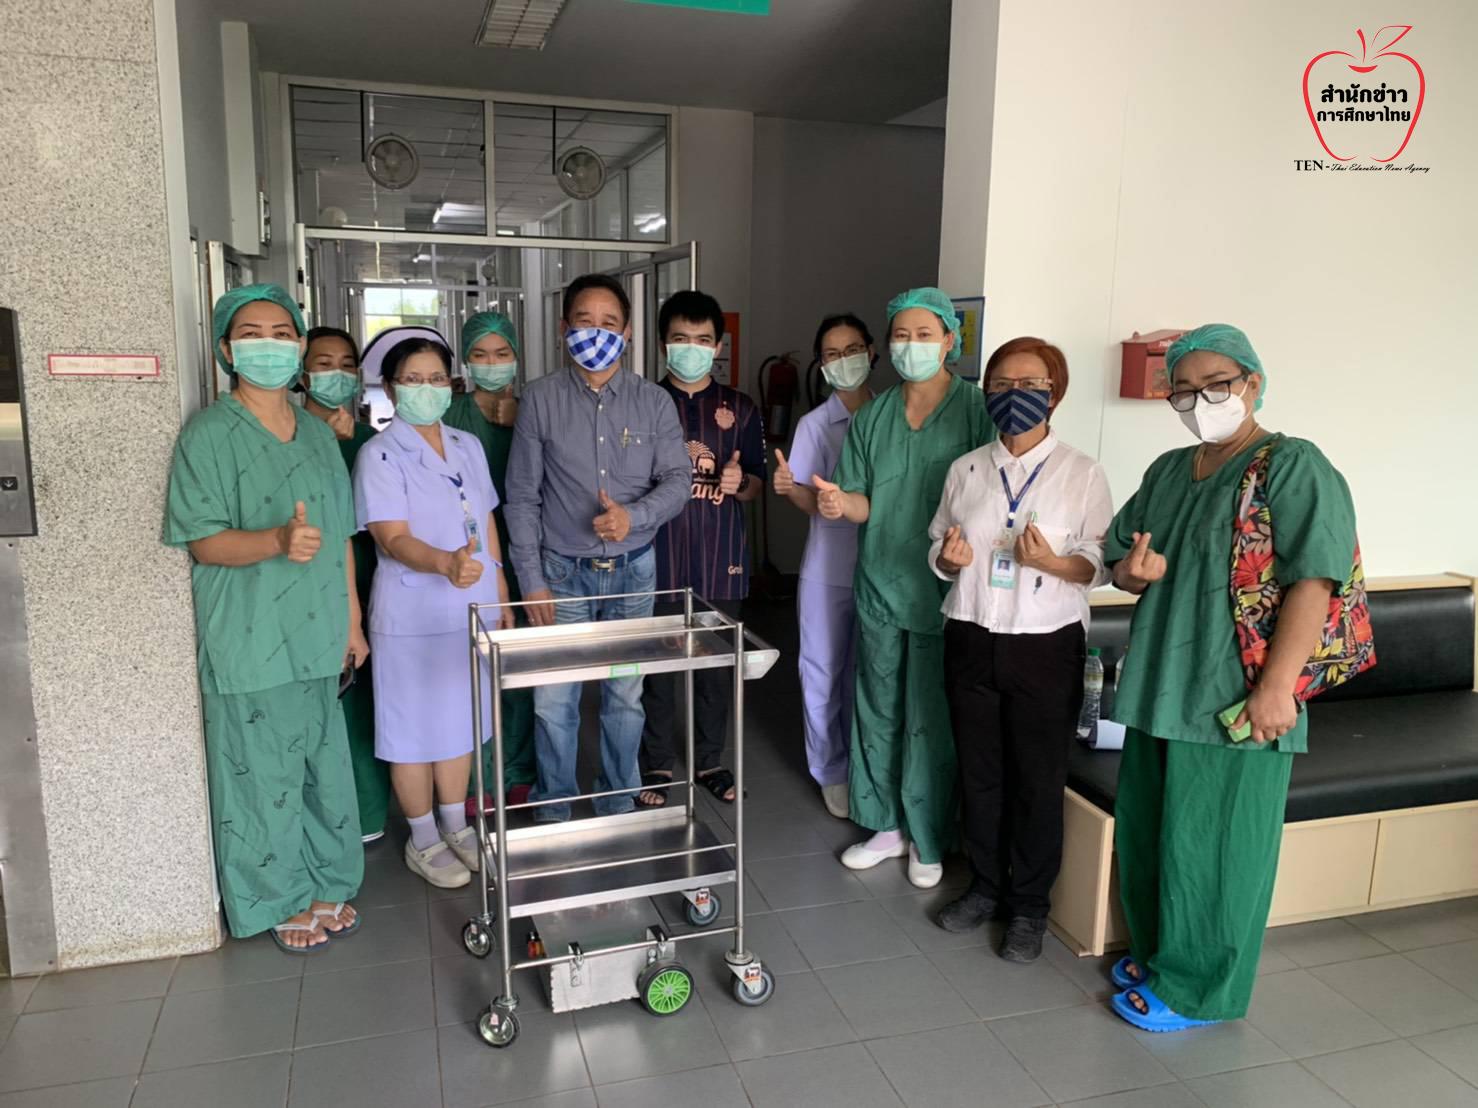 อาชีวะ ใช้นวัตกรรม ประดิษฐ์อุปกรณ์มาตรฐาน ช่วยเซฟบุคลากรทางการแพทย์